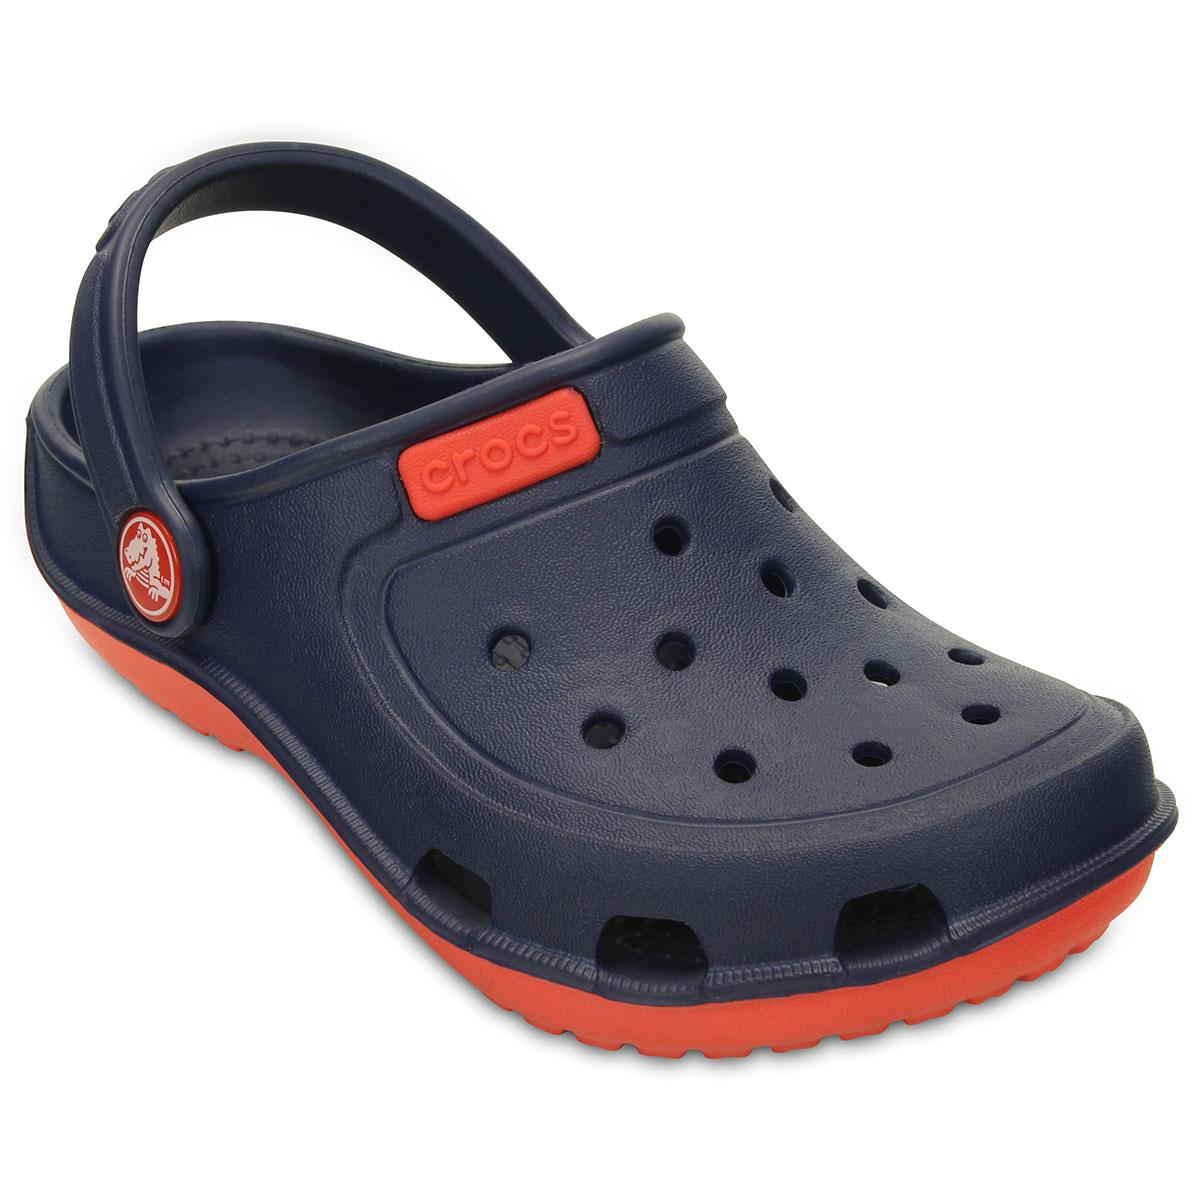 9acf52967b4ae Buy Latest CROCS Footwears